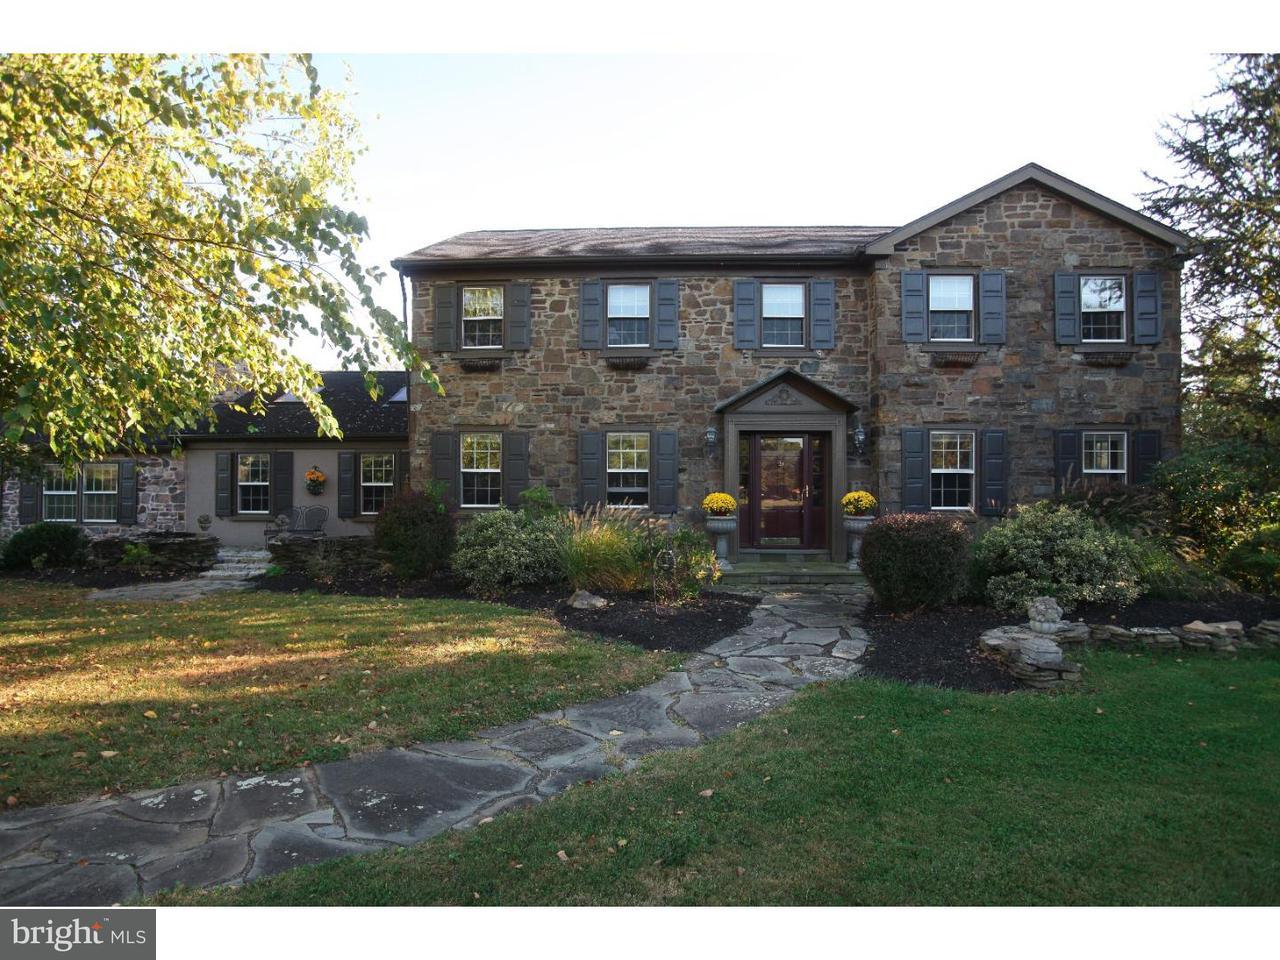 Casa Unifamiliar por un Alquiler en 97 MILITIA HILL Road Warrington, Pennsylvania 18976 Estados Unidos